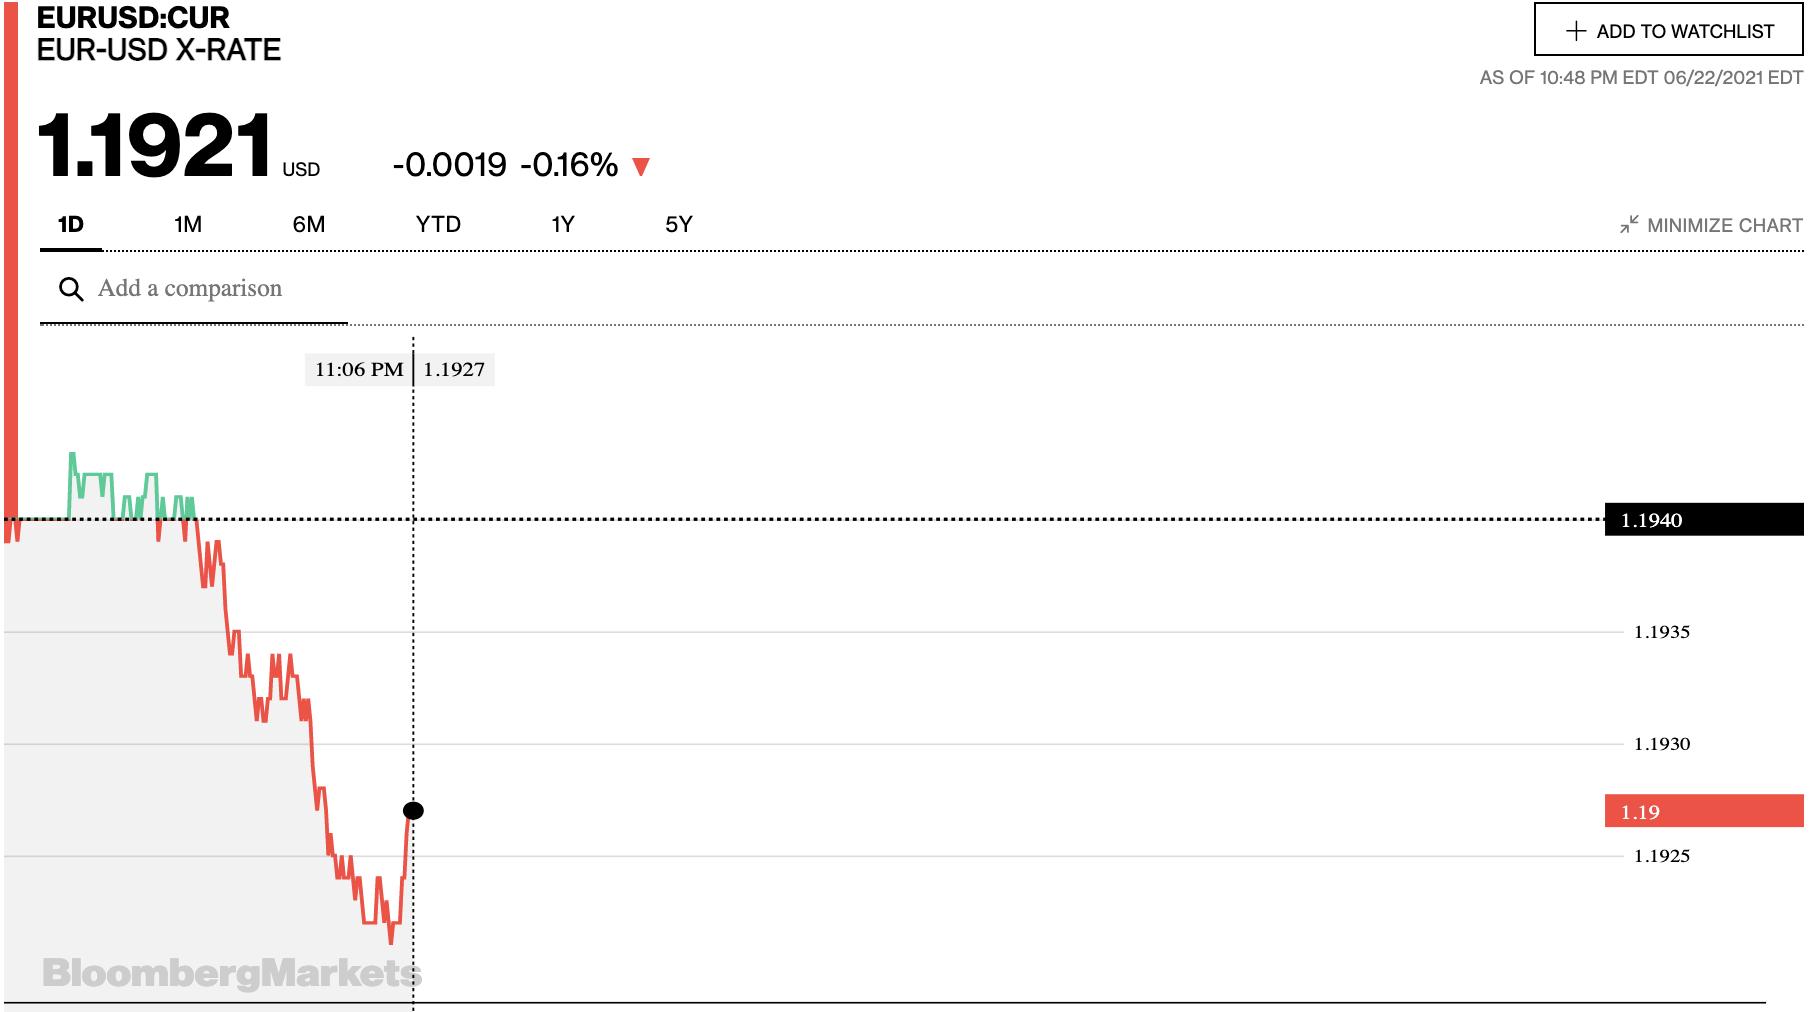 Tỷ giá euro hôm nay 23/6: Các ngân hàng và thị trường chợ đen tiếp tục tăng đồng loạt - Ảnh 2.